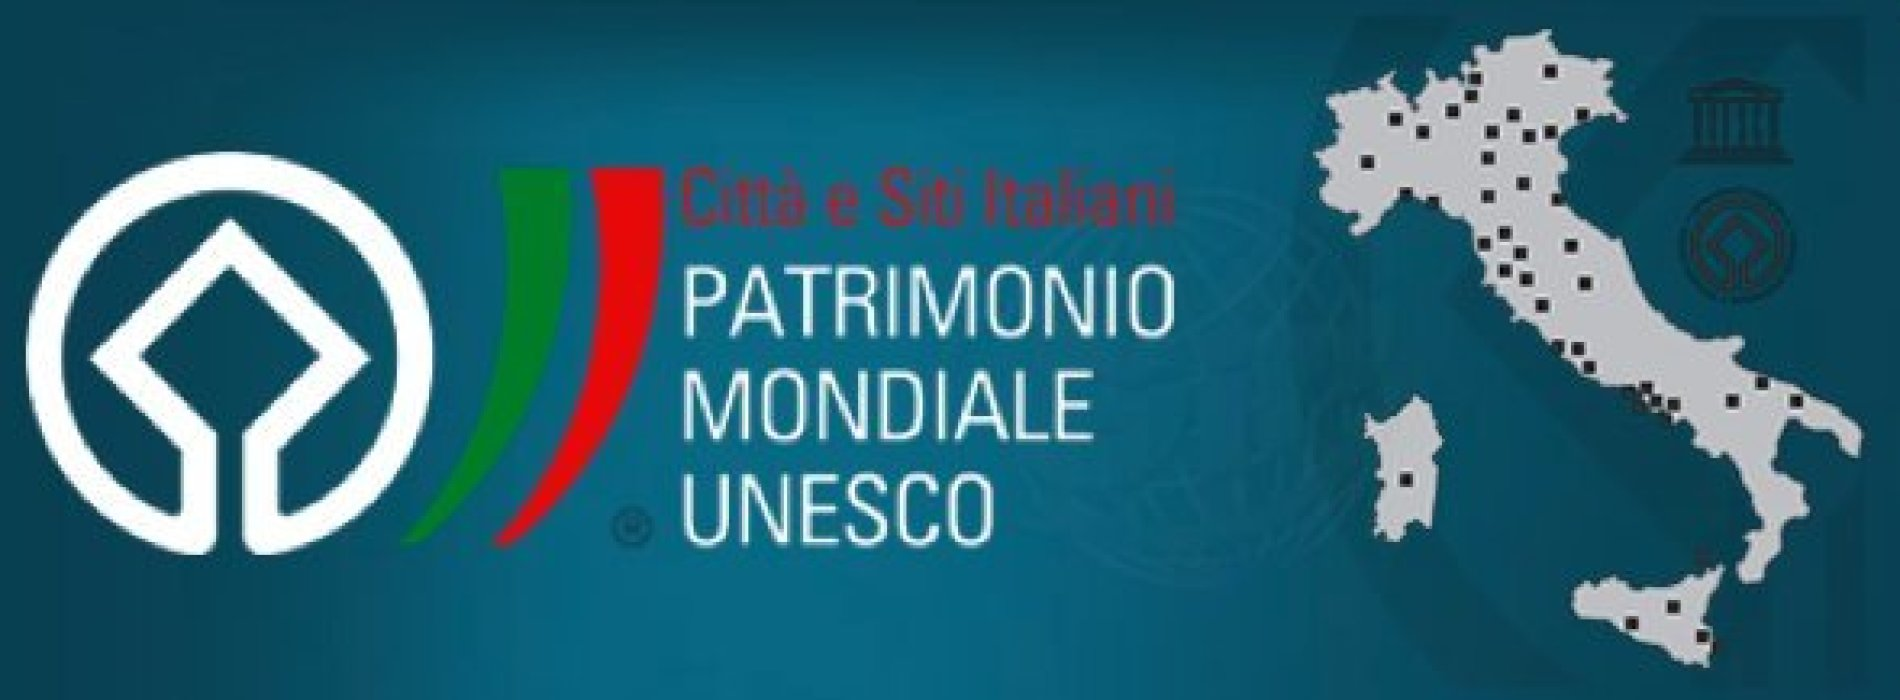 sito x incontri omosessuali Lucca